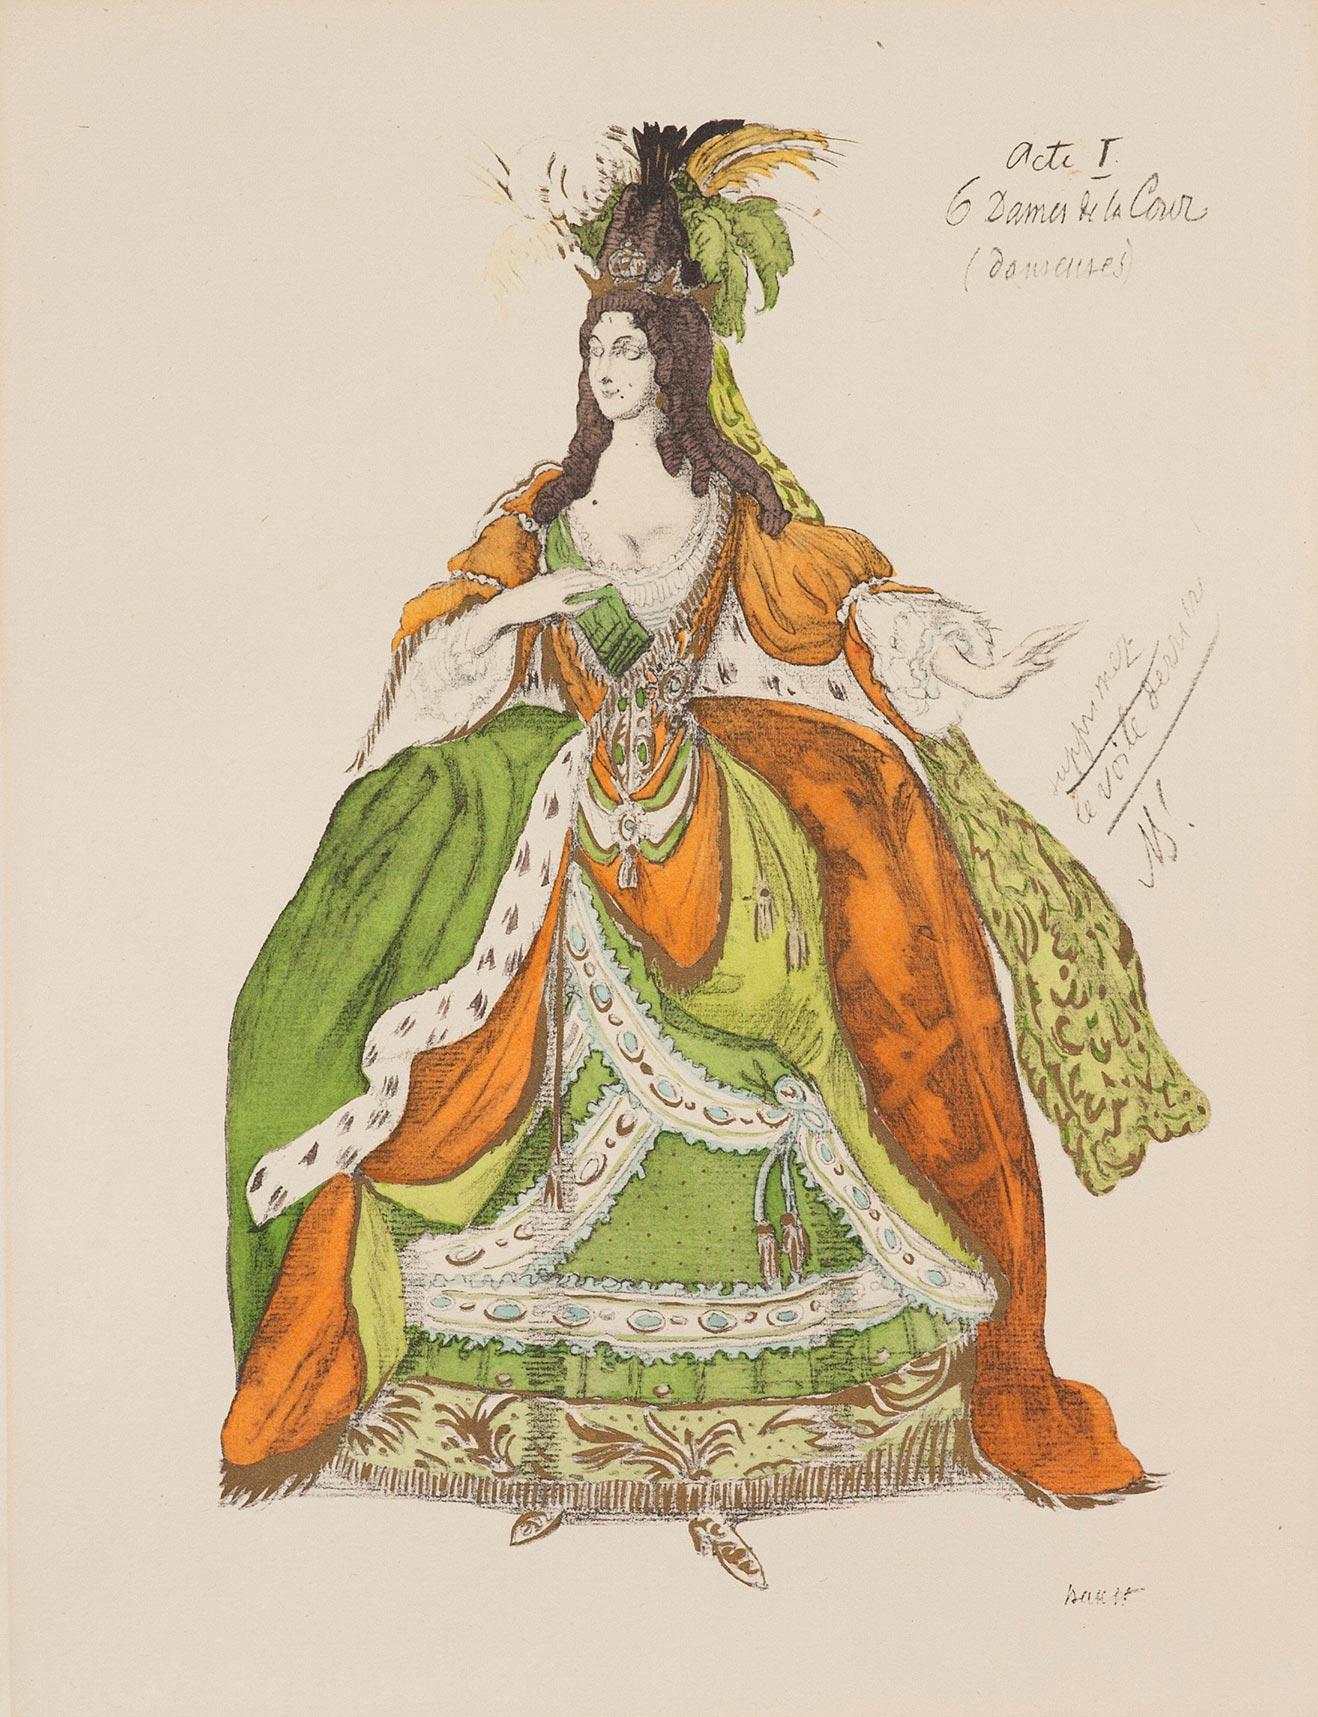 Эскиз костюма придворной дамы для балета на музыку П.И. Чайковского «Спящая красавица».